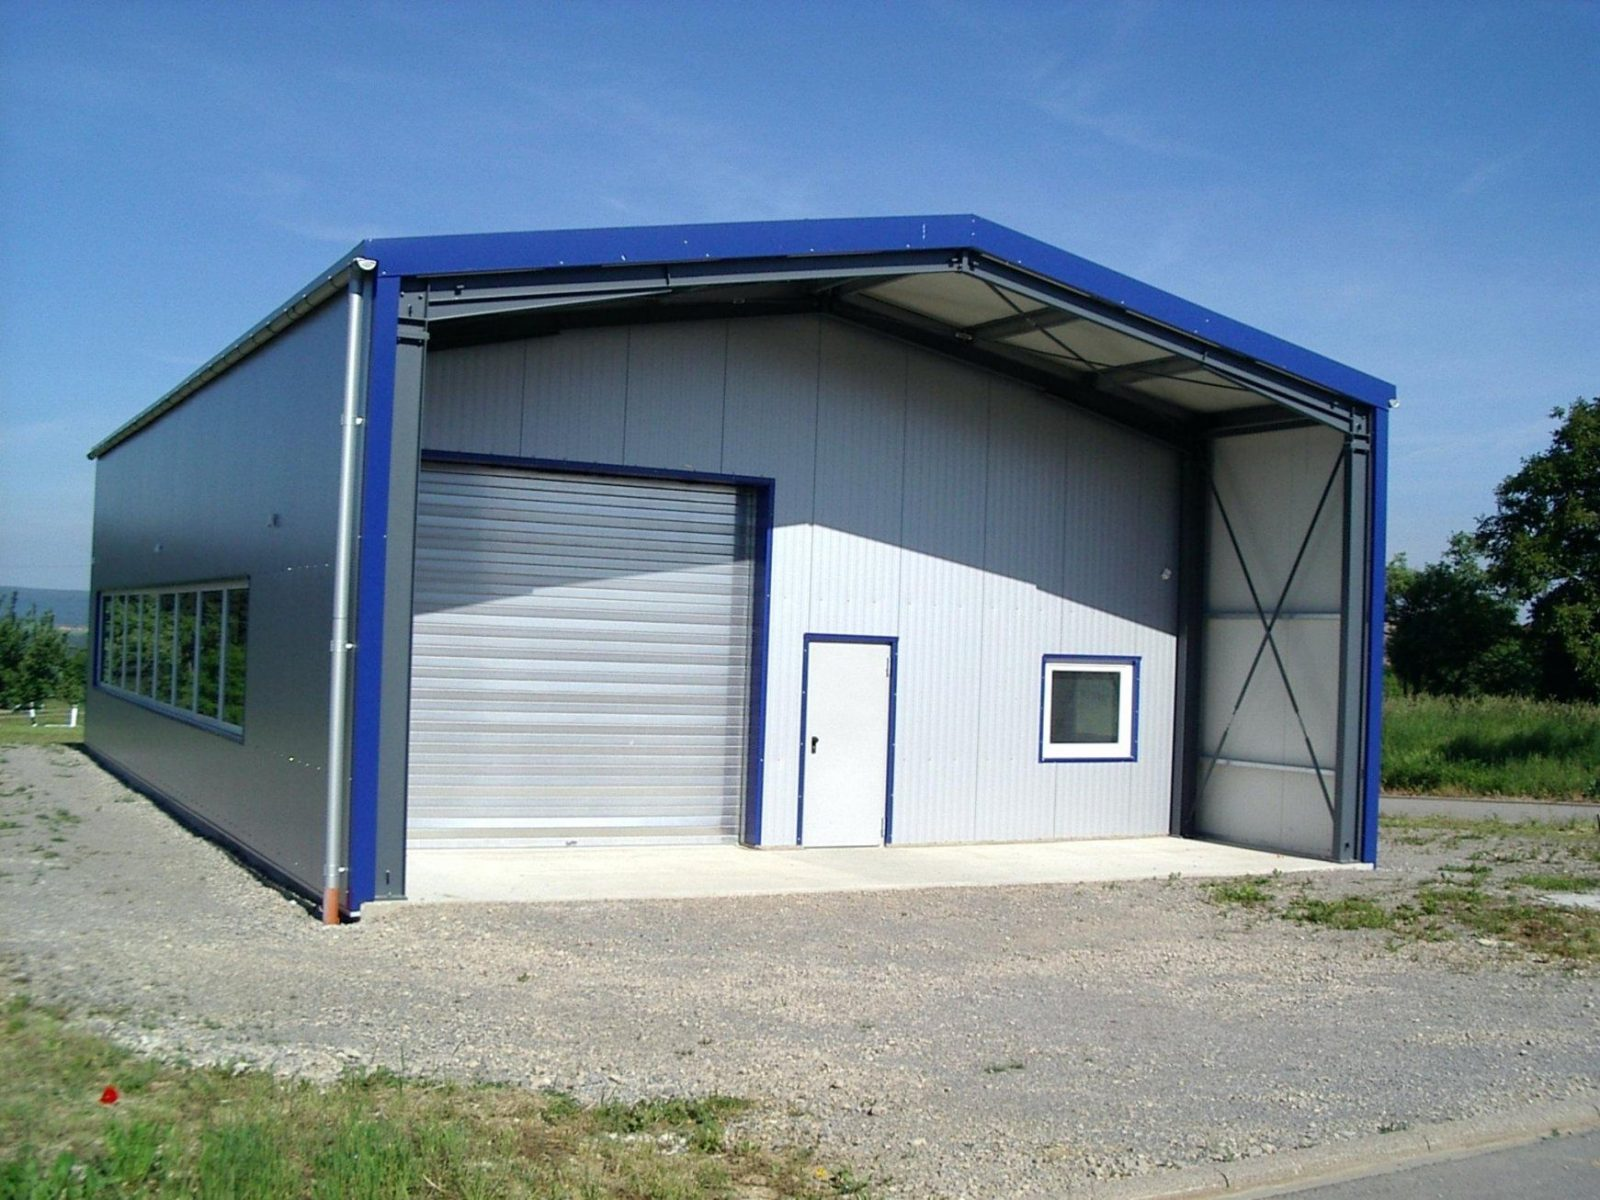 Fertighallen Preise Werkstatt Landwirtschaft Holz Osterreich von Kfz Werkstatt Bauen Kosten Bild